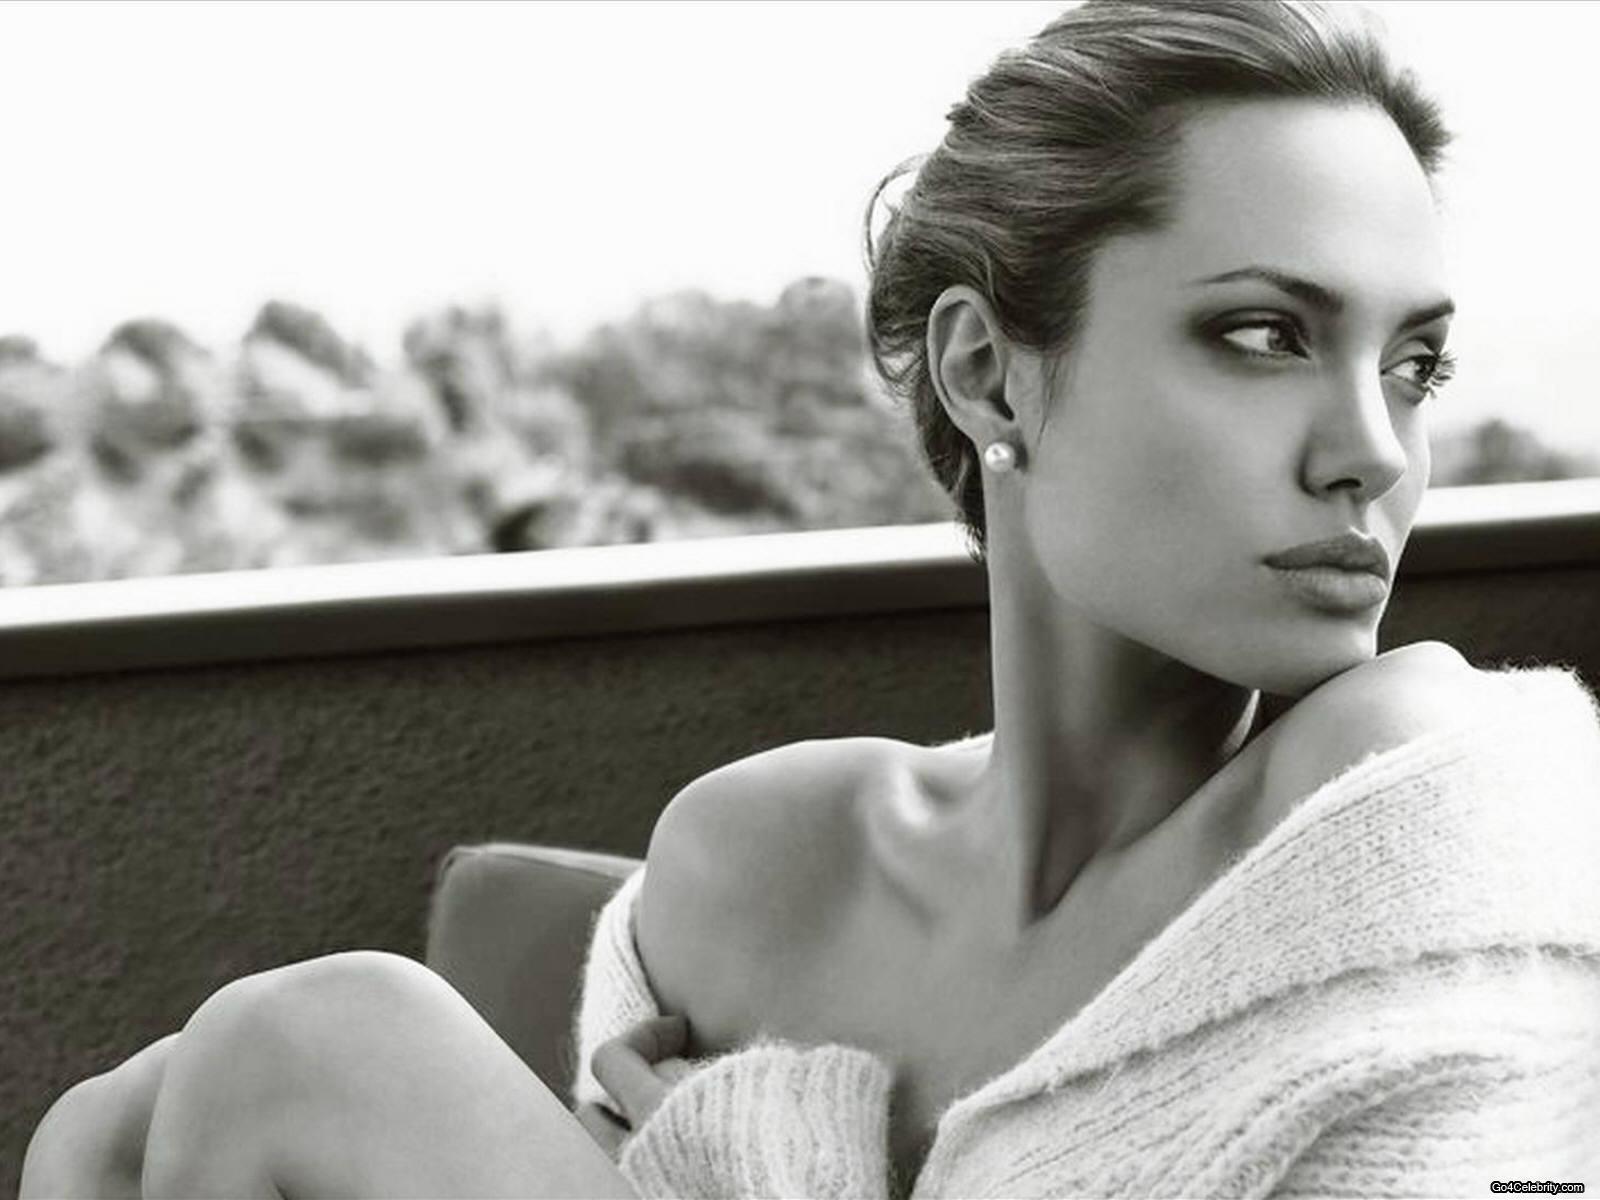 http://1.bp.blogspot.com/-OWcBB4e8l04/UBTkQh75g8I/AAAAAAAAMaM/CnaP8ZehcRg/s1600/Angelina-Jolie-112.jpg